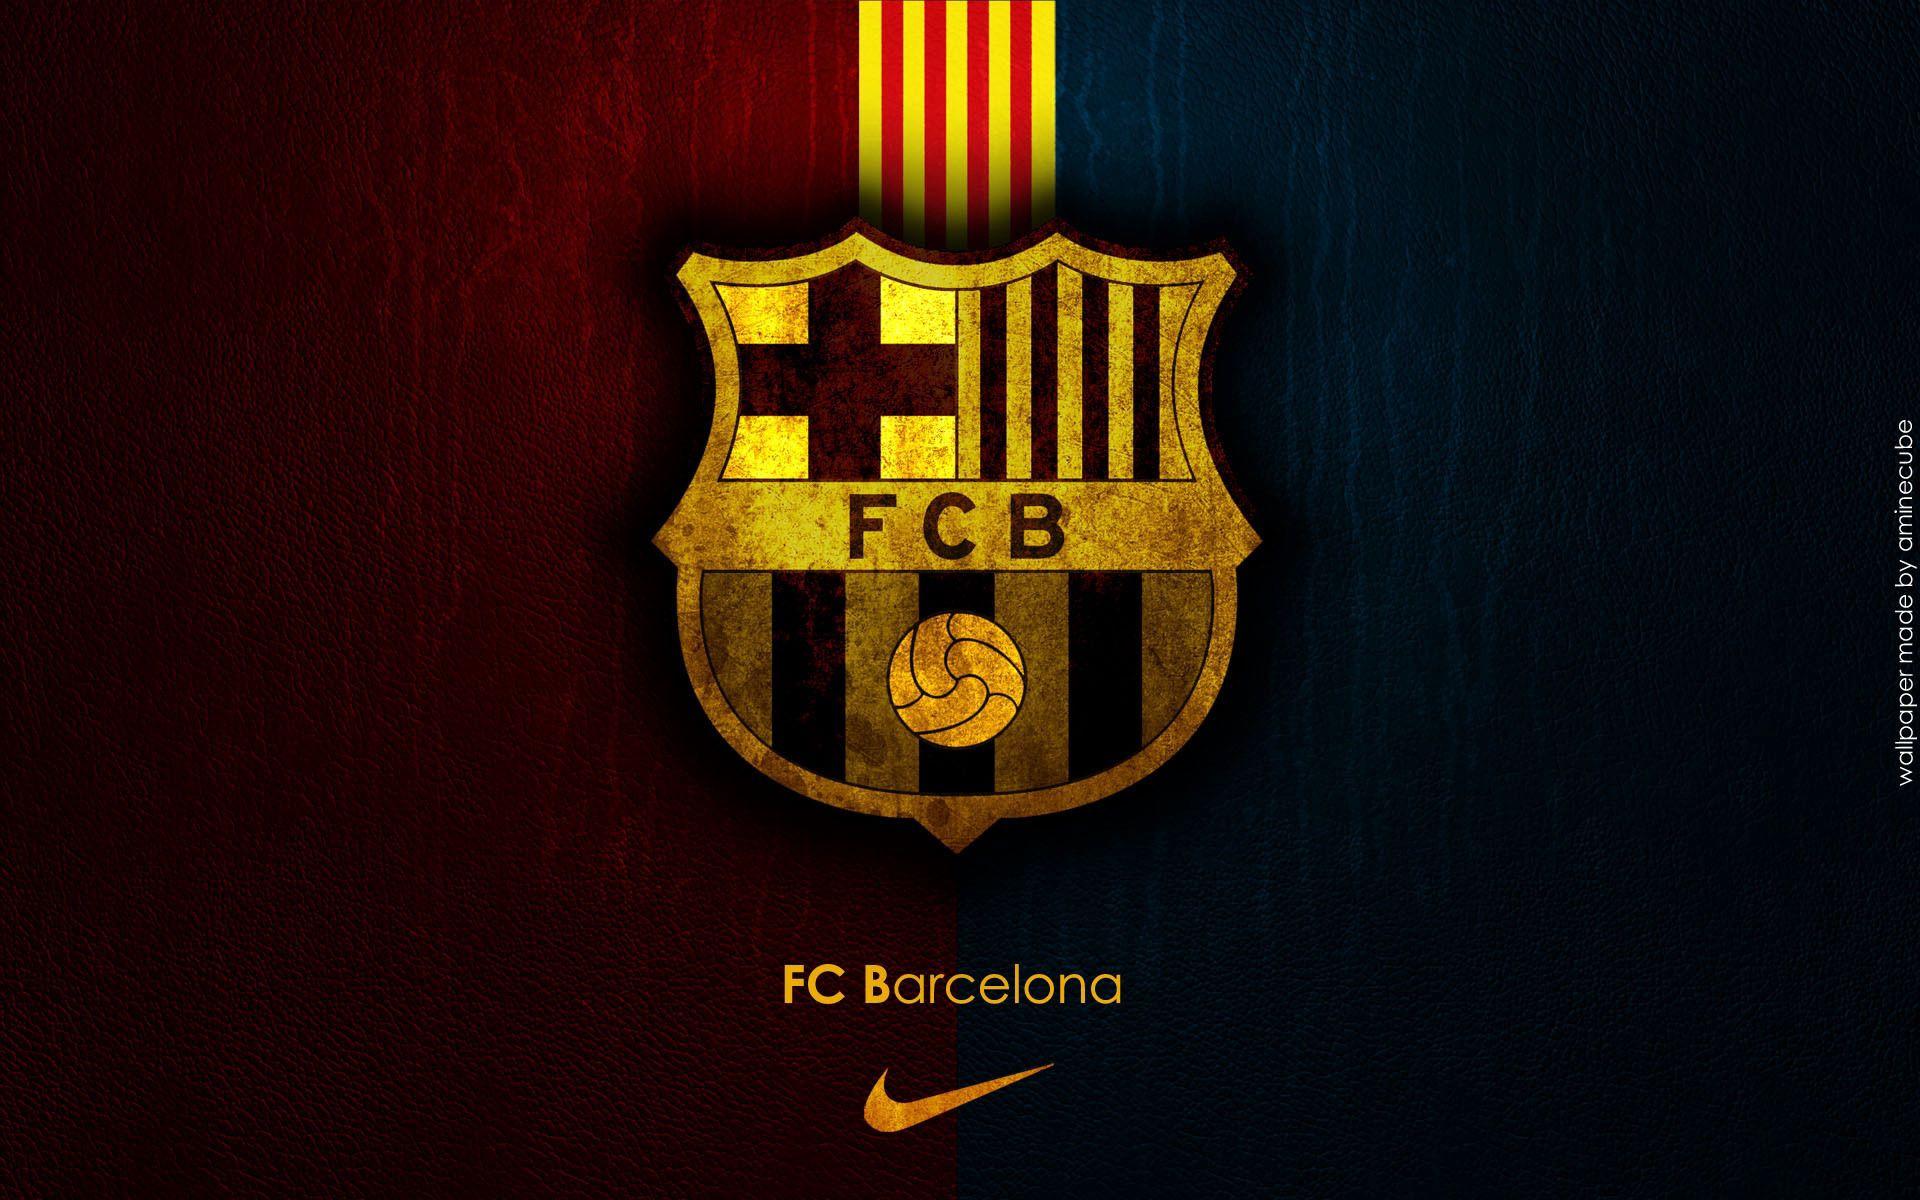 Baixe 62901: Barcelona, Esportes, Espanha, Emblema, Clube De Futebol papel de parede da área de trabalho gratuitamente